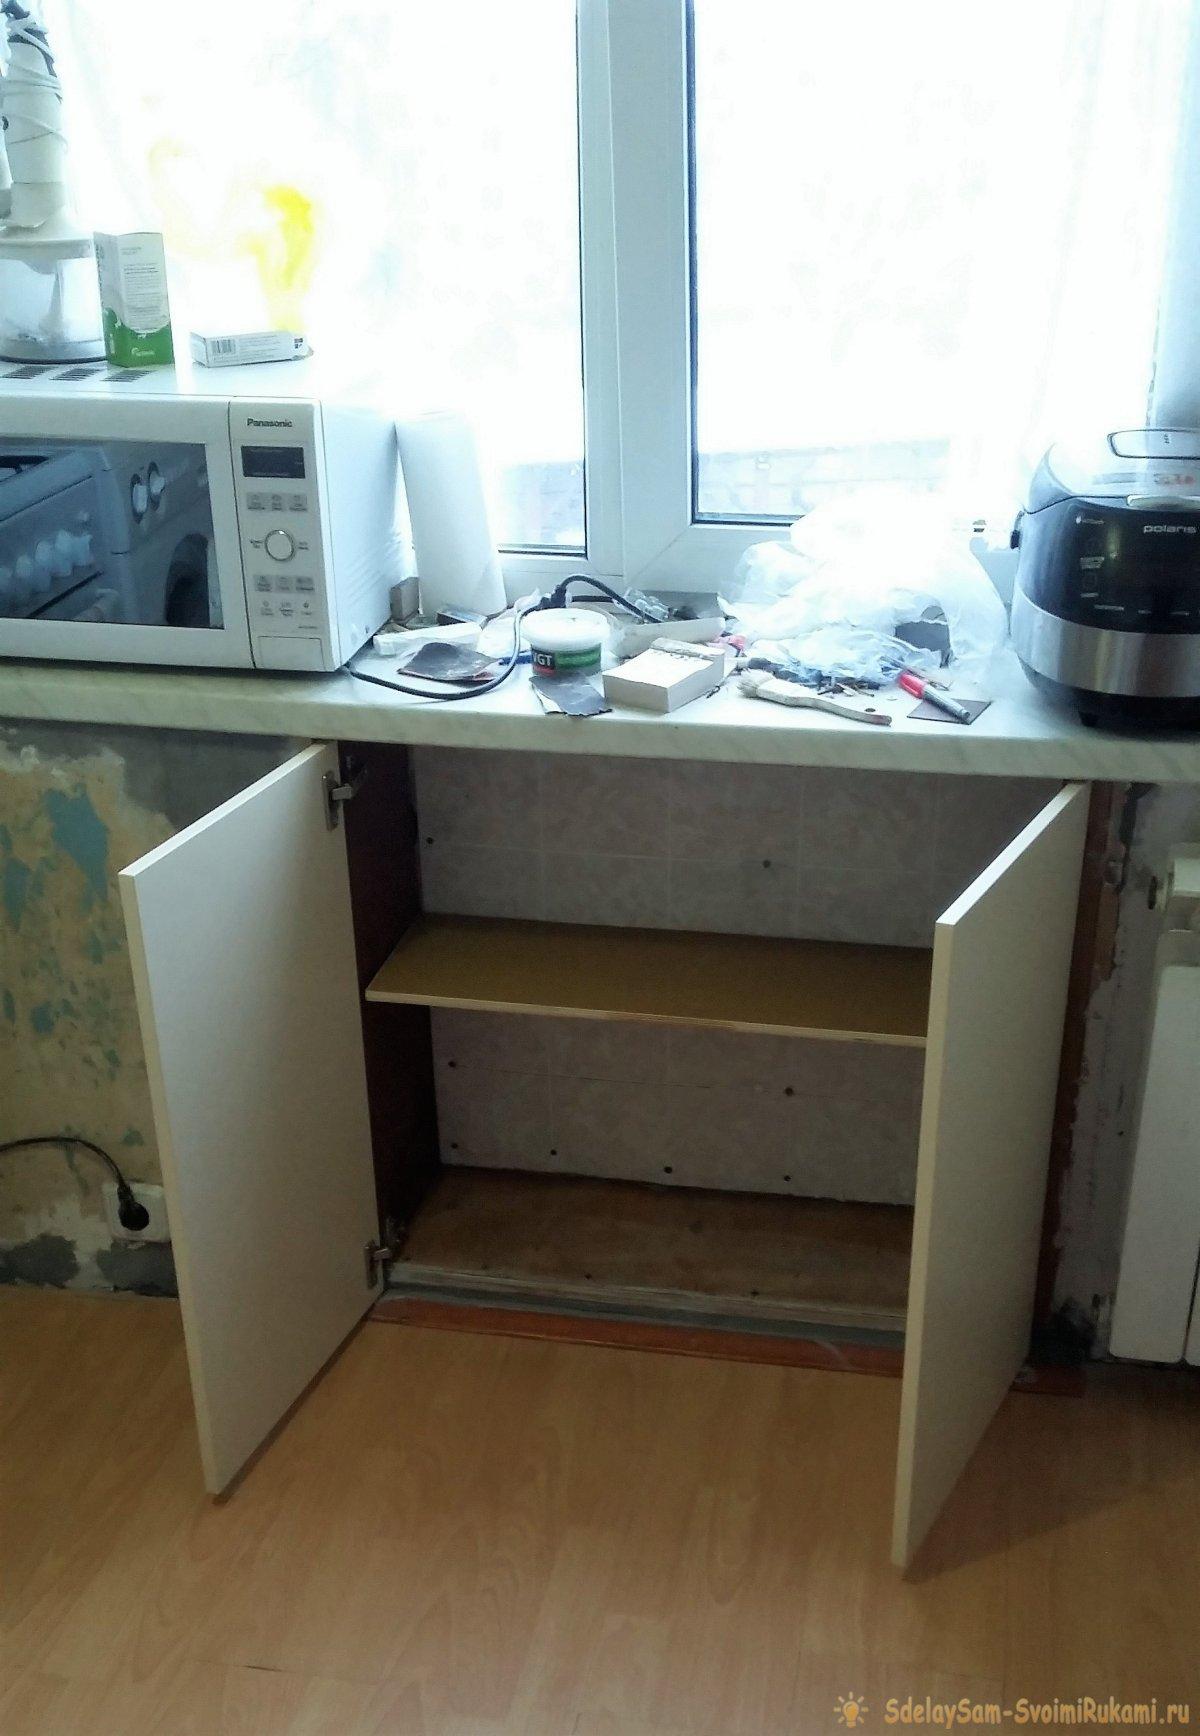 Как переделать «хрущевский» холодильник